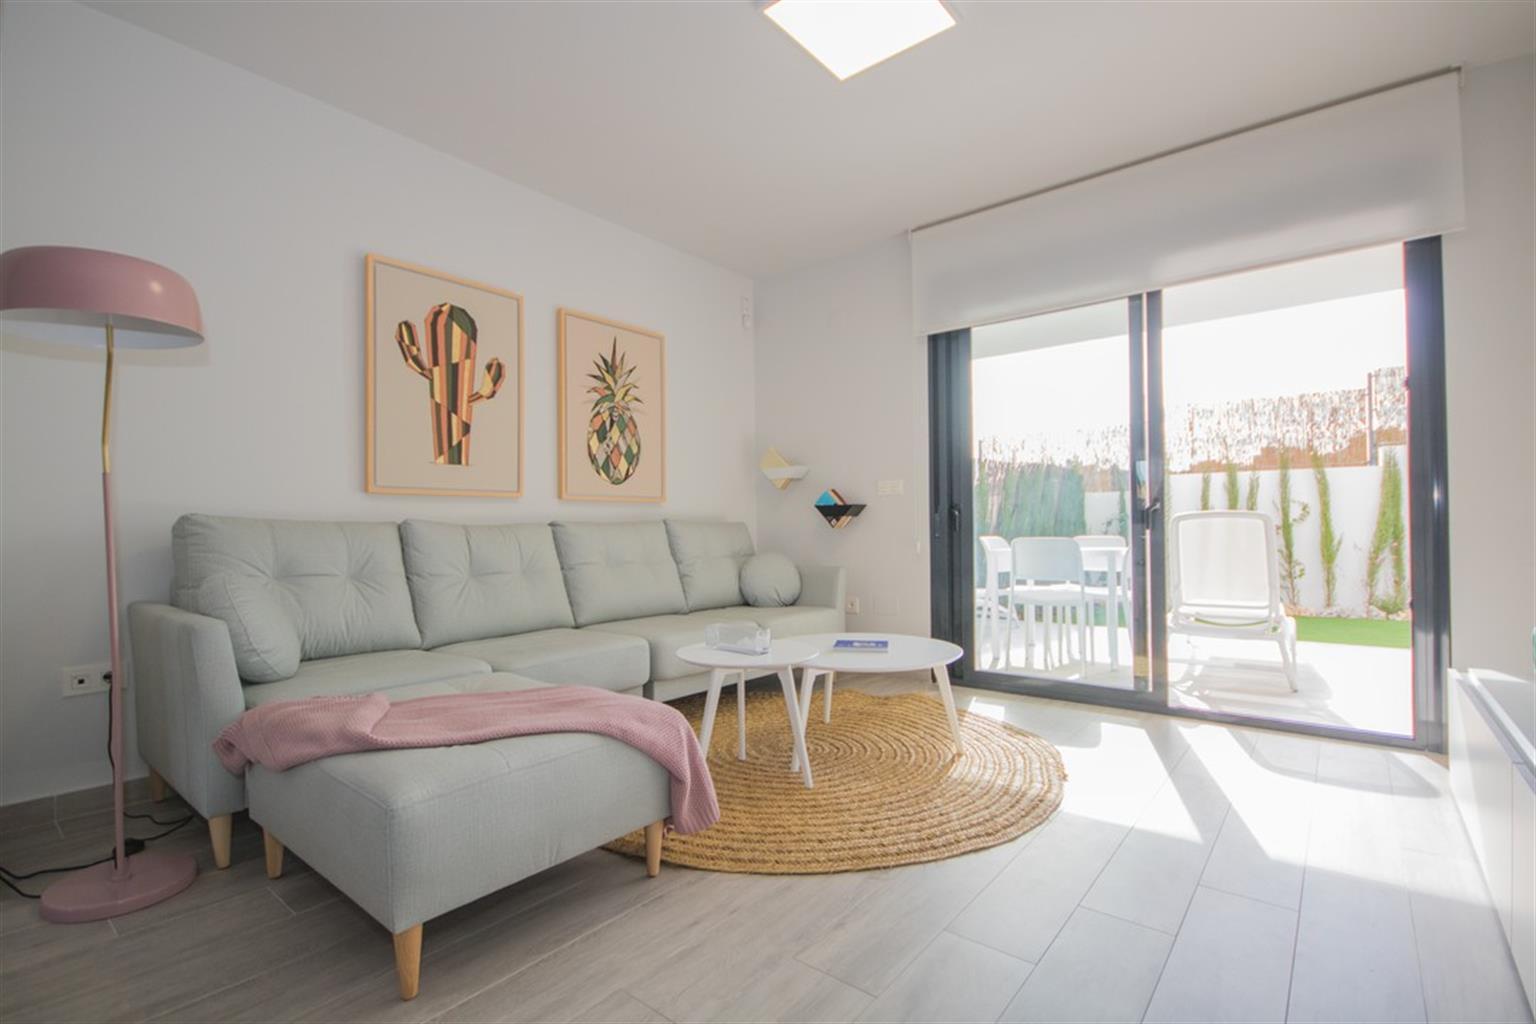 Appartement - San Miguel de salinas  - #4231523-8